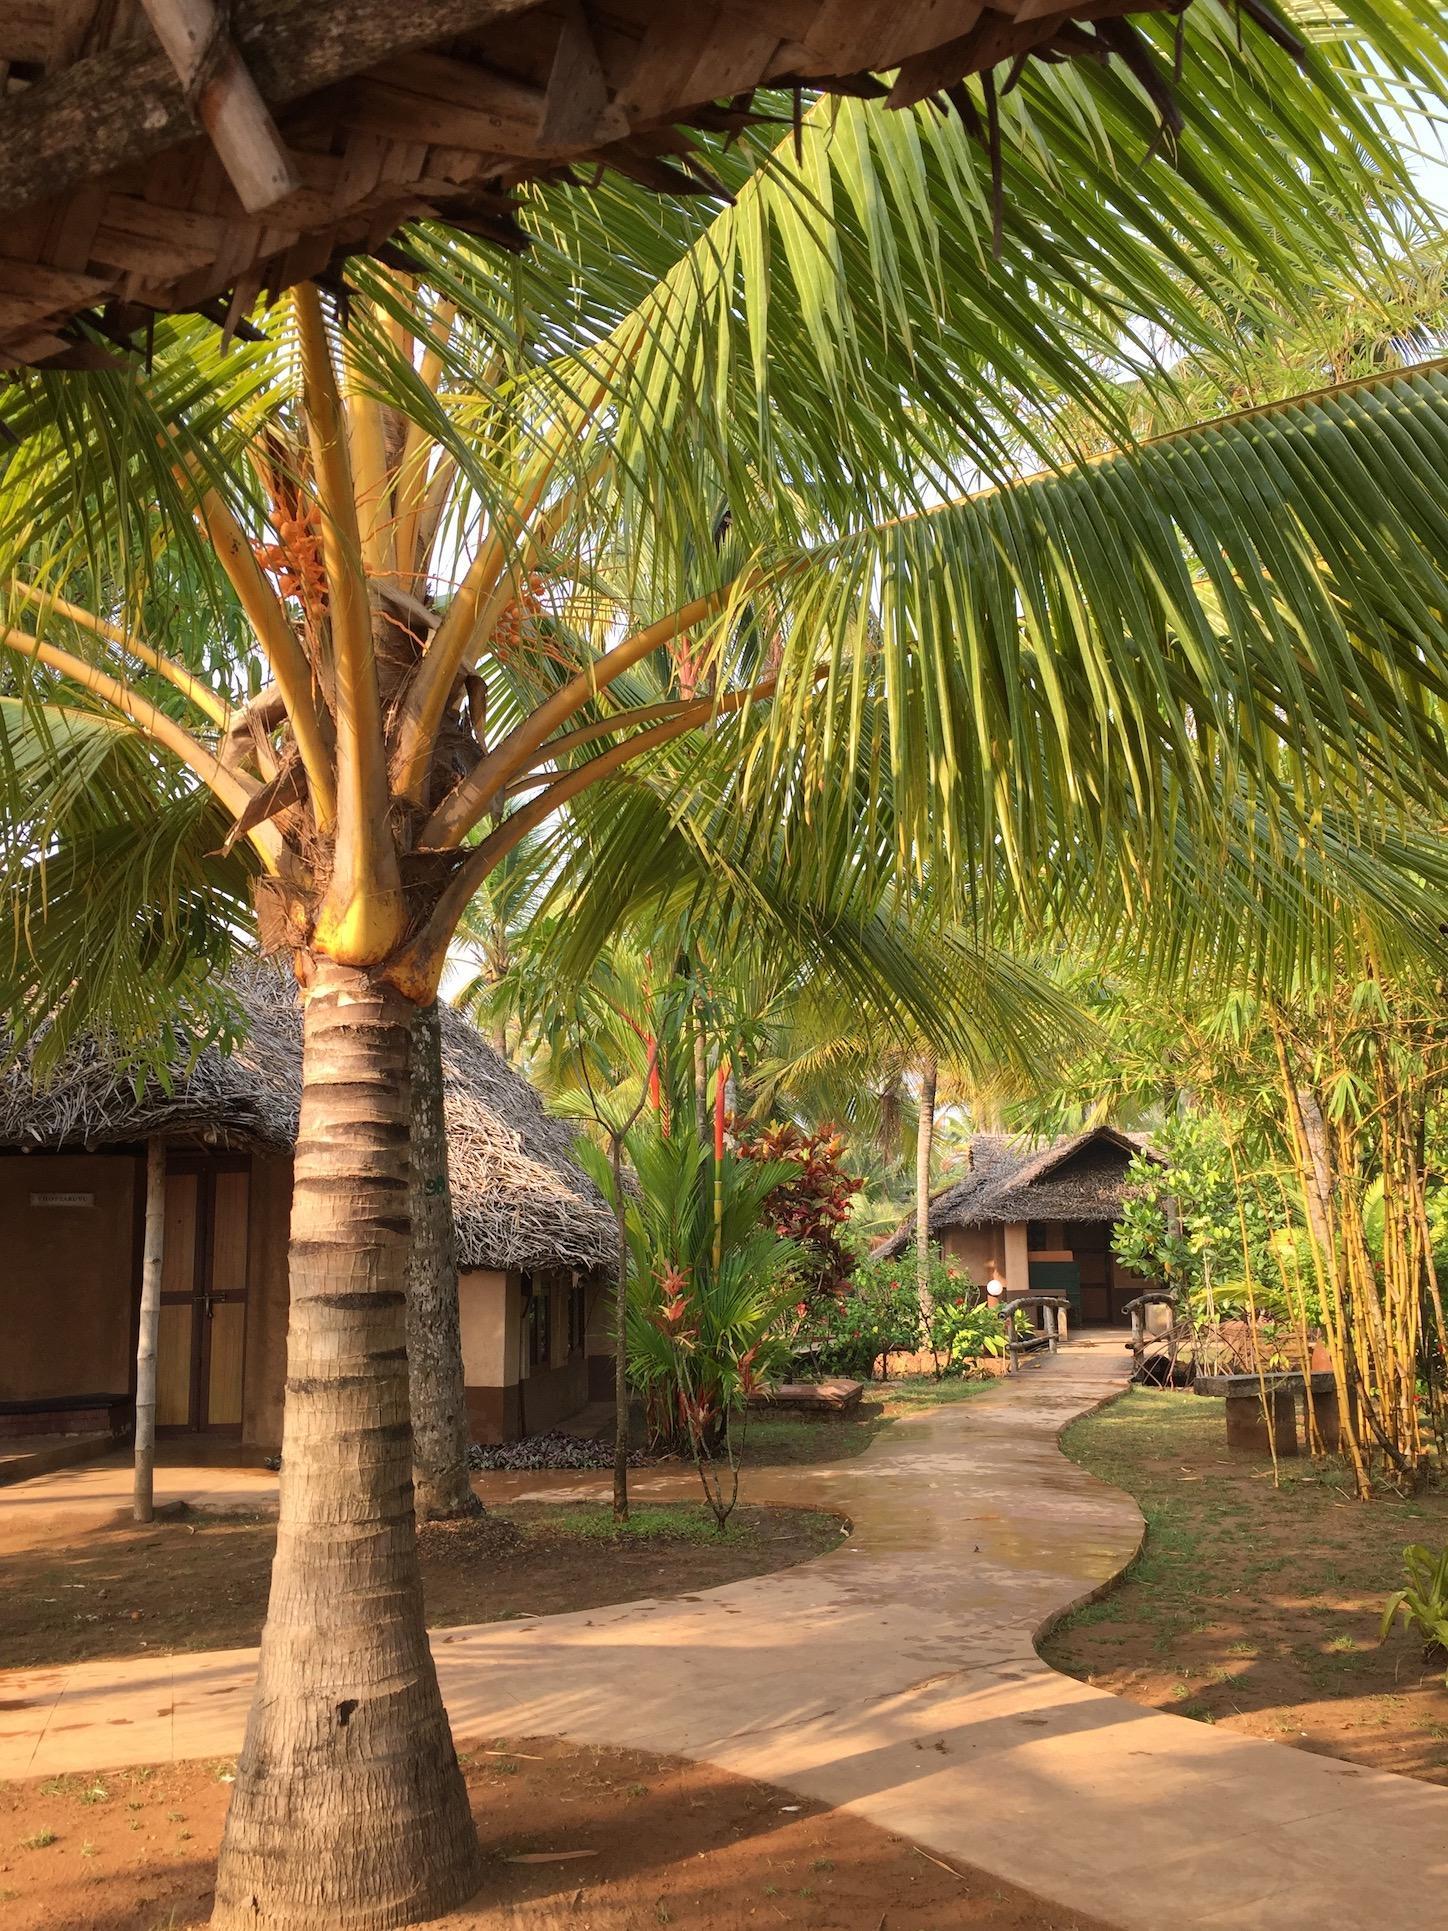 cherai, beach, accommodation, villa, palm, retreat, yoga, holidaykerala